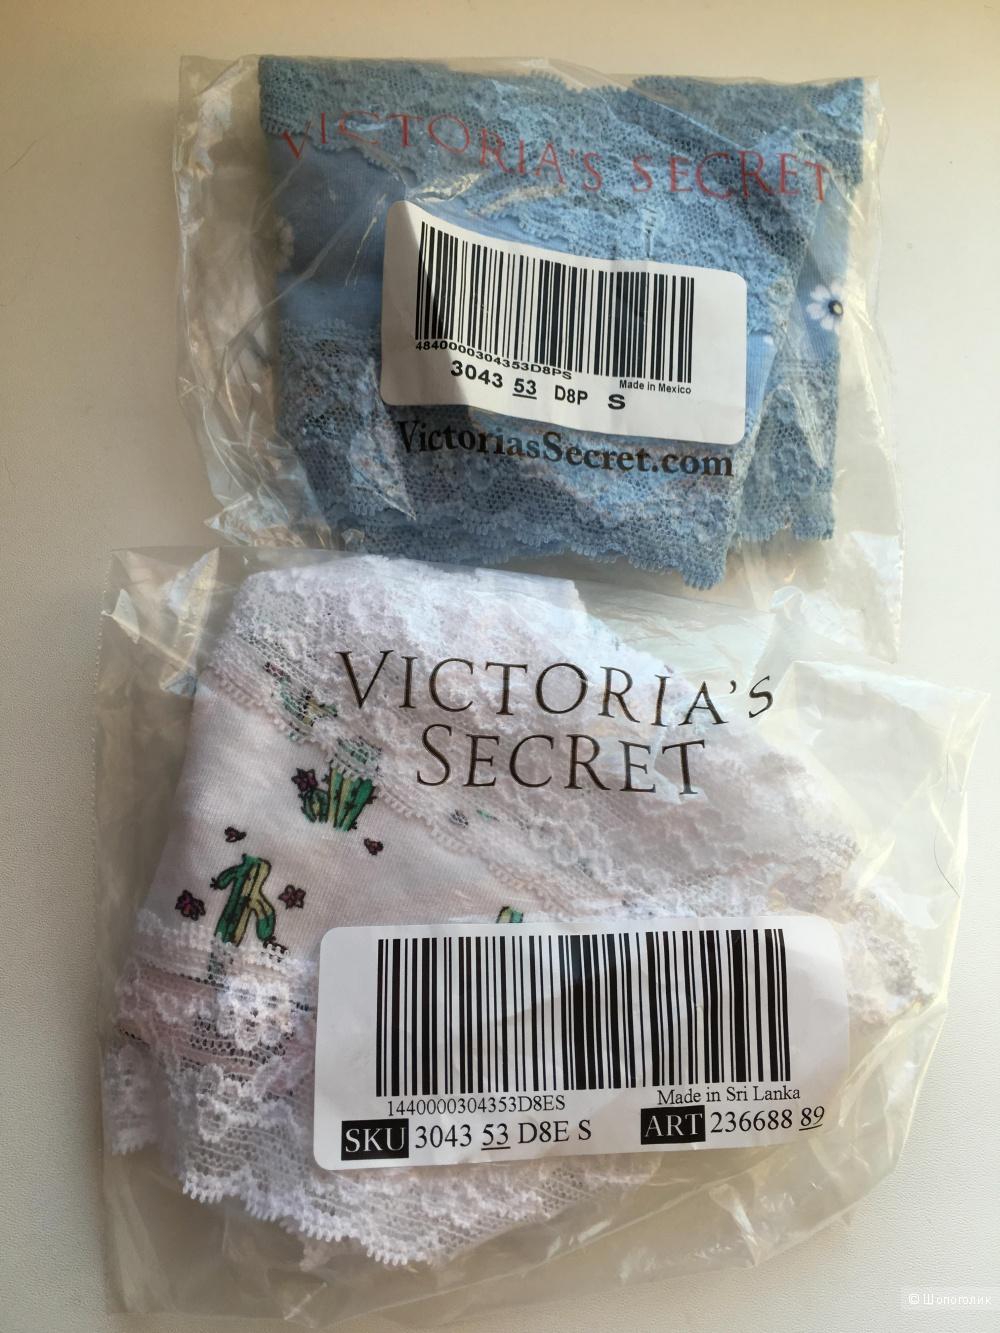 Хлопковые трусики - Victoria's Secret, размер S (сет из 2 штук)